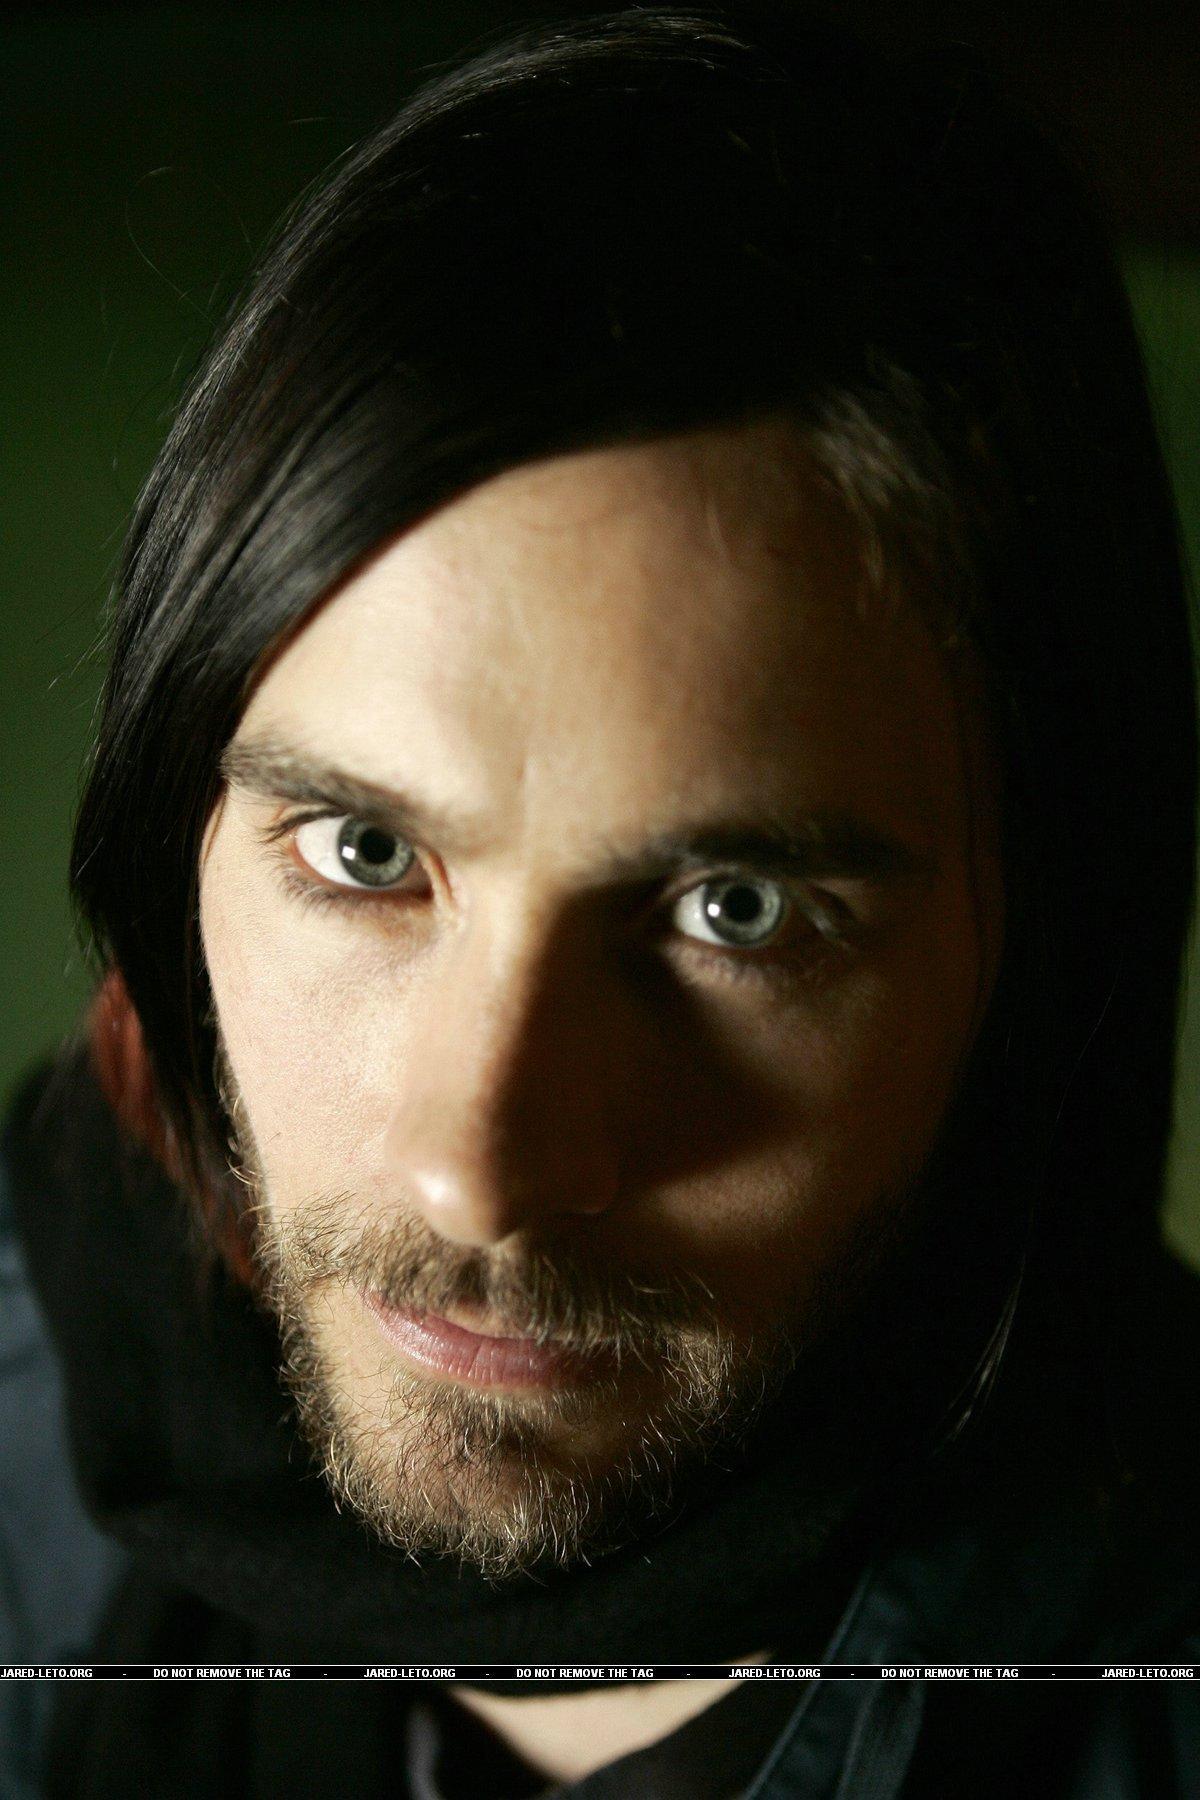 Jared leto jared leto